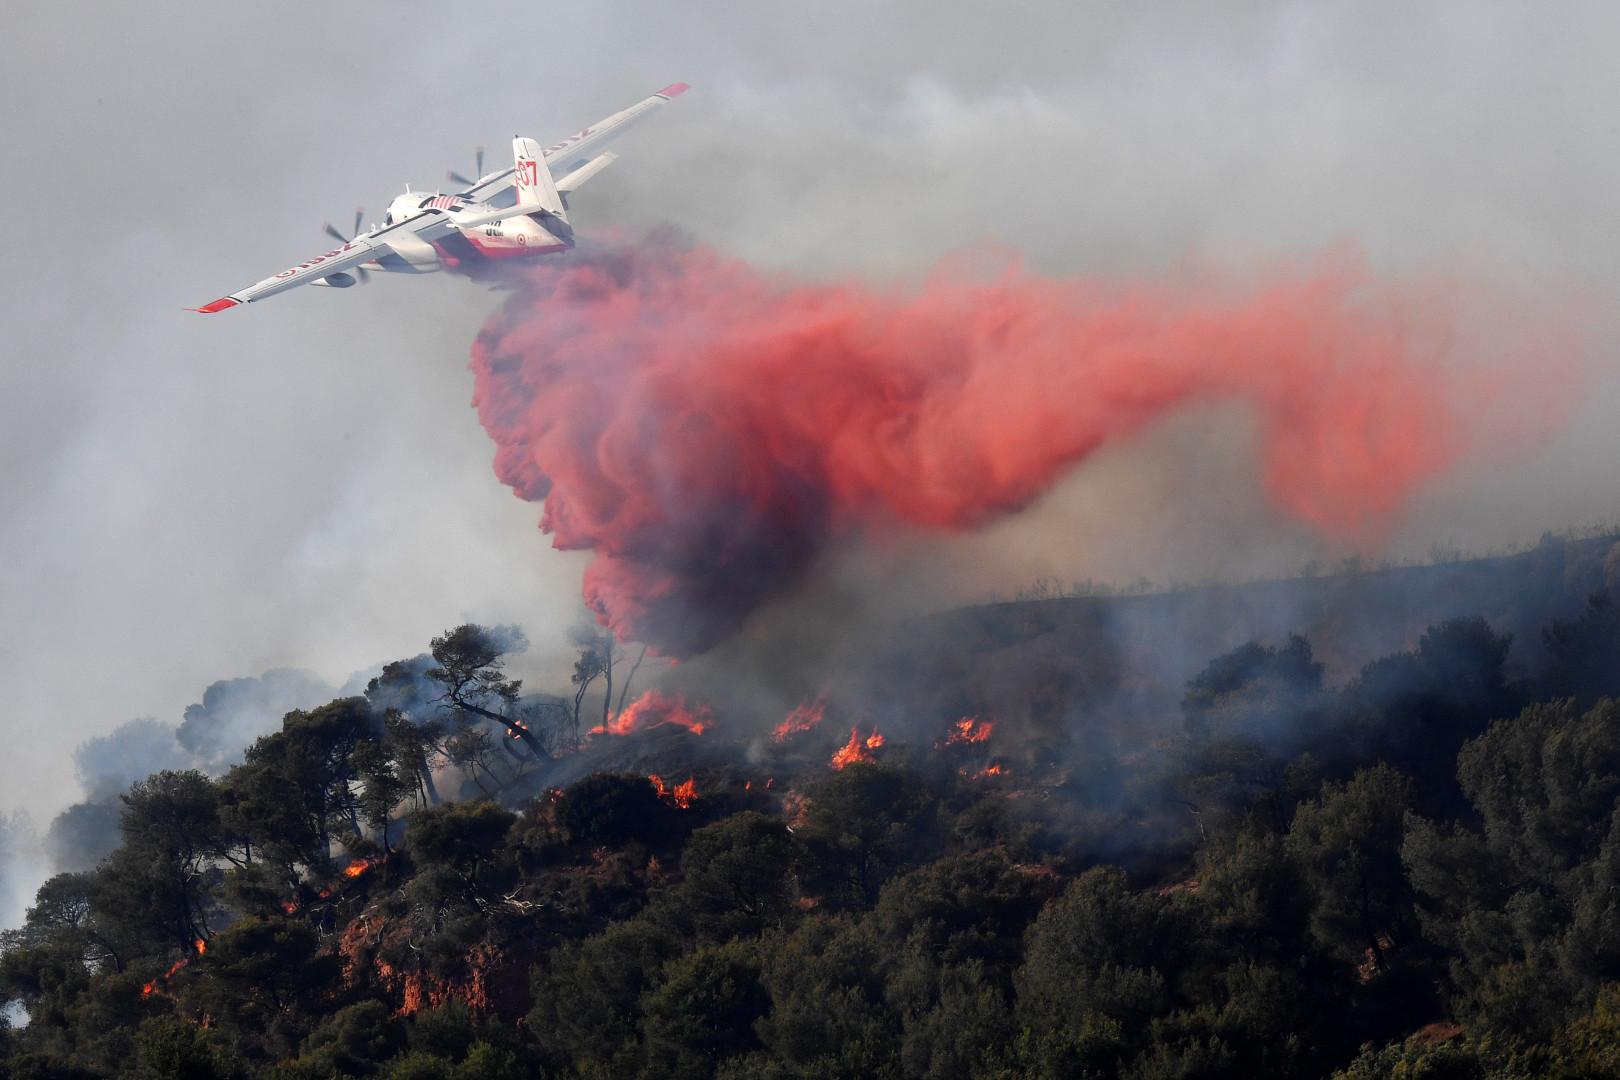 Un Canadair en action au-dessus d'un feu de forêt déclaré au nord de Marseille